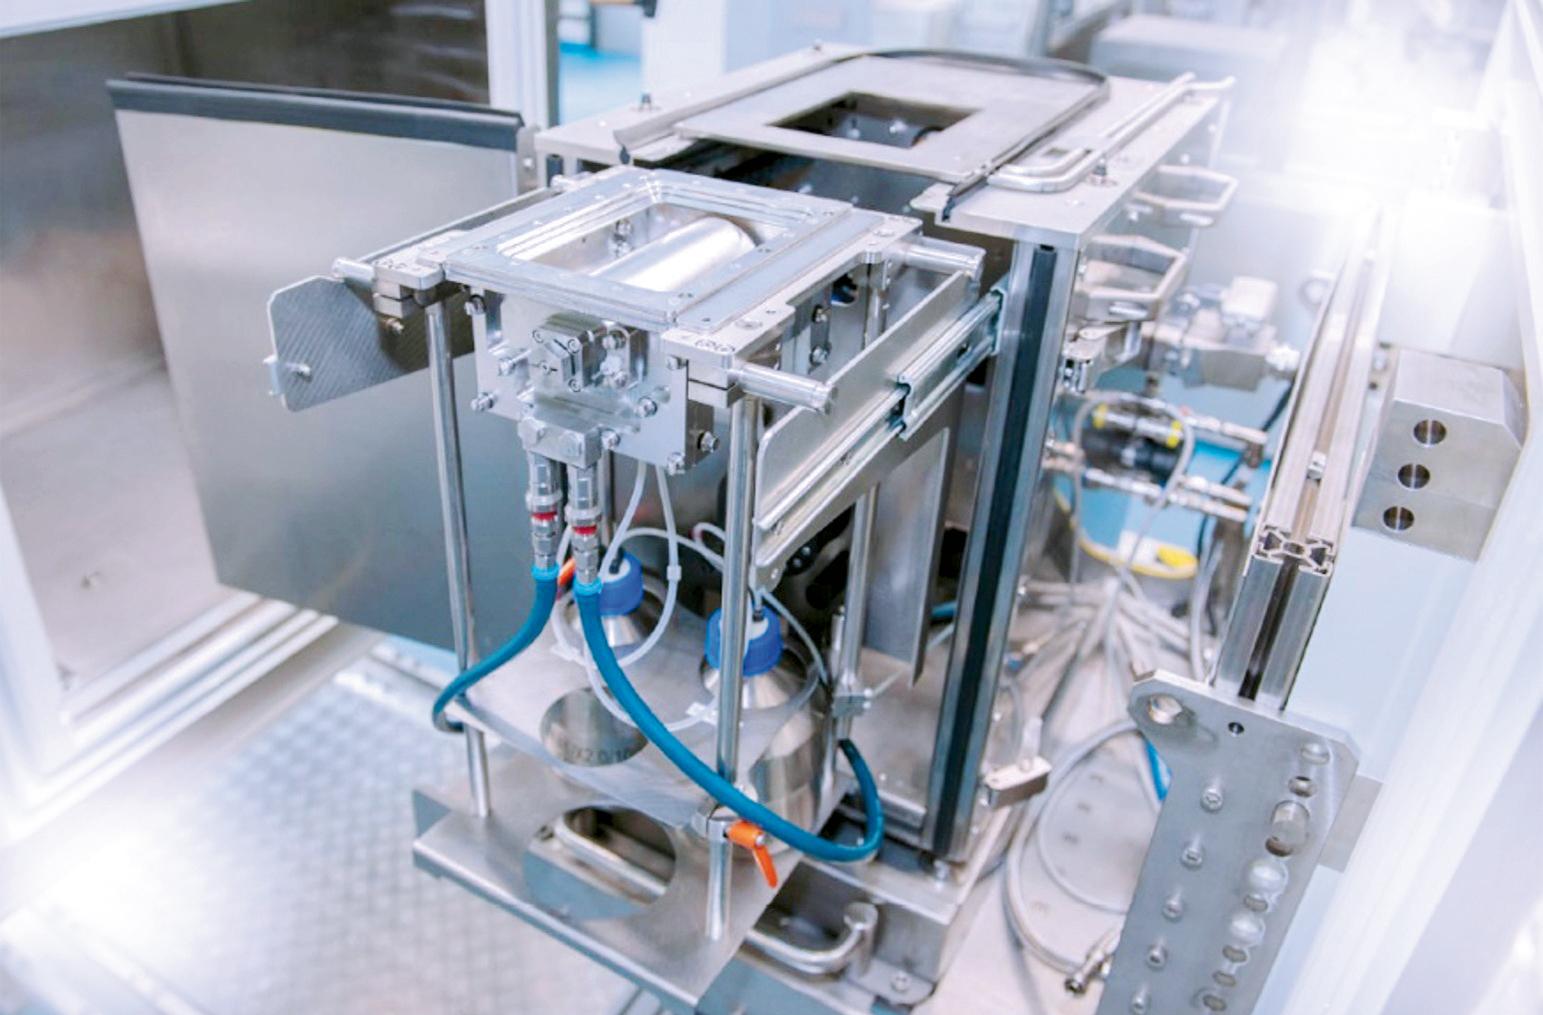 Prototyp des Flüssigkeitsrollensystems